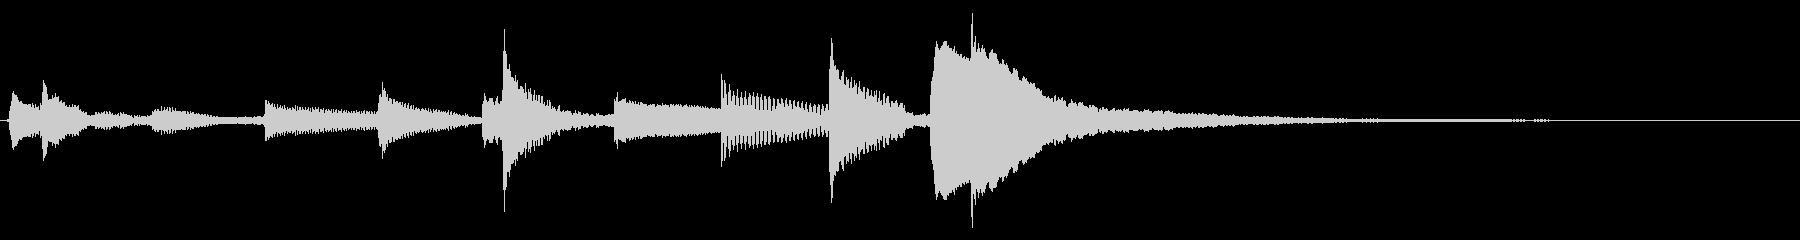 ★ウクレレ生音のジングルの未再生の波形